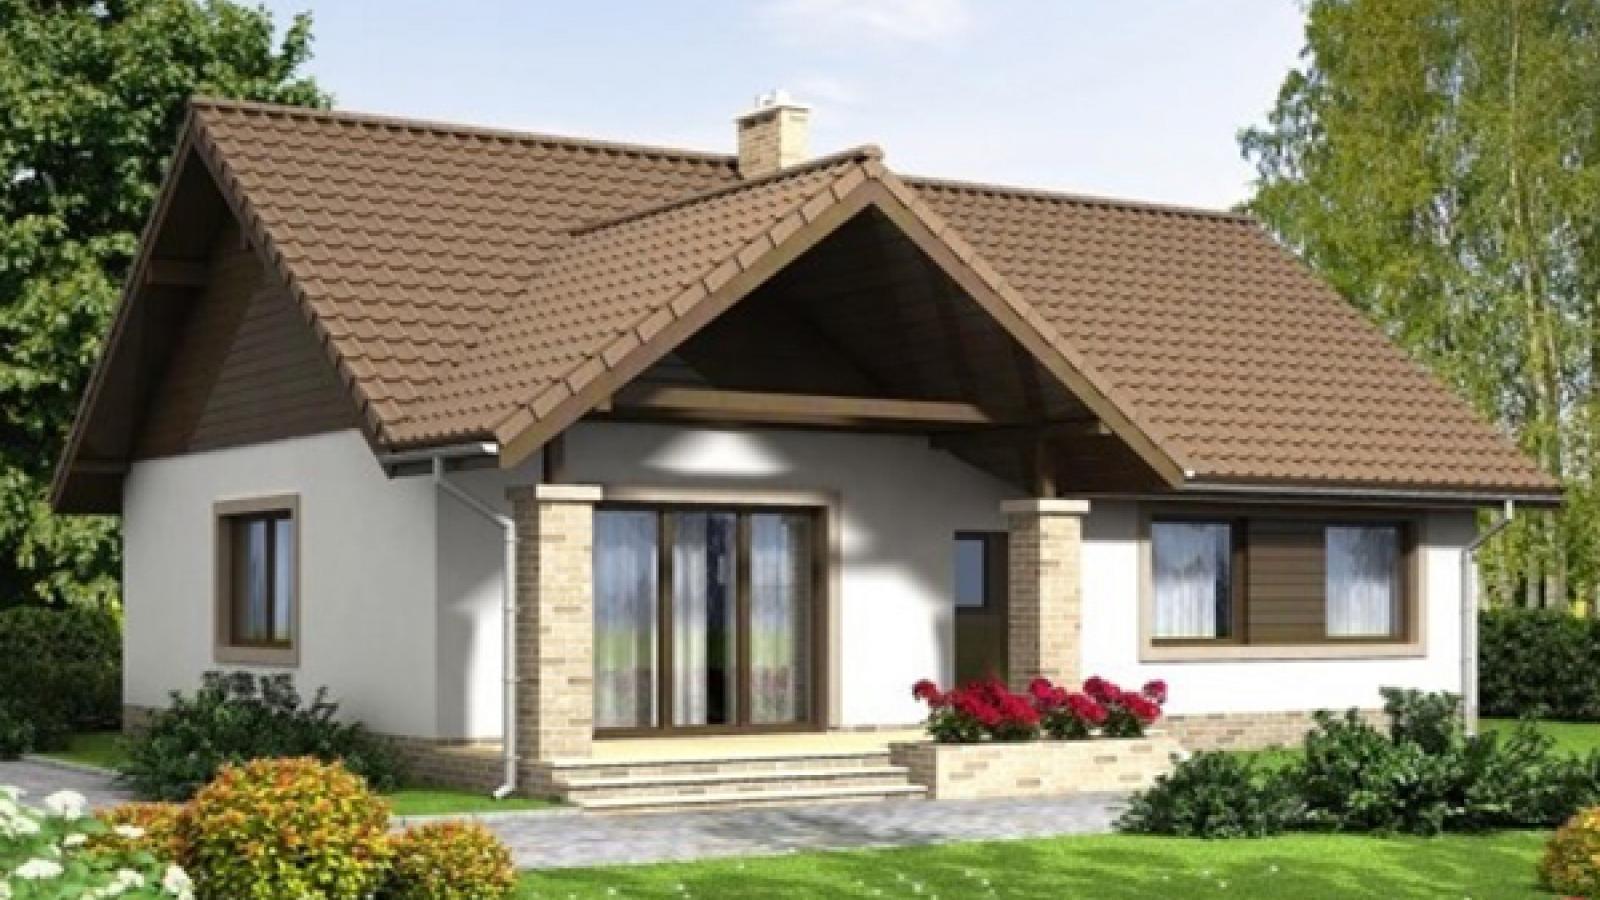 Những mẫu nhà cấp 4 cực đẹp và hiện đại với chi phí chỉ từ 200 triệu đồng